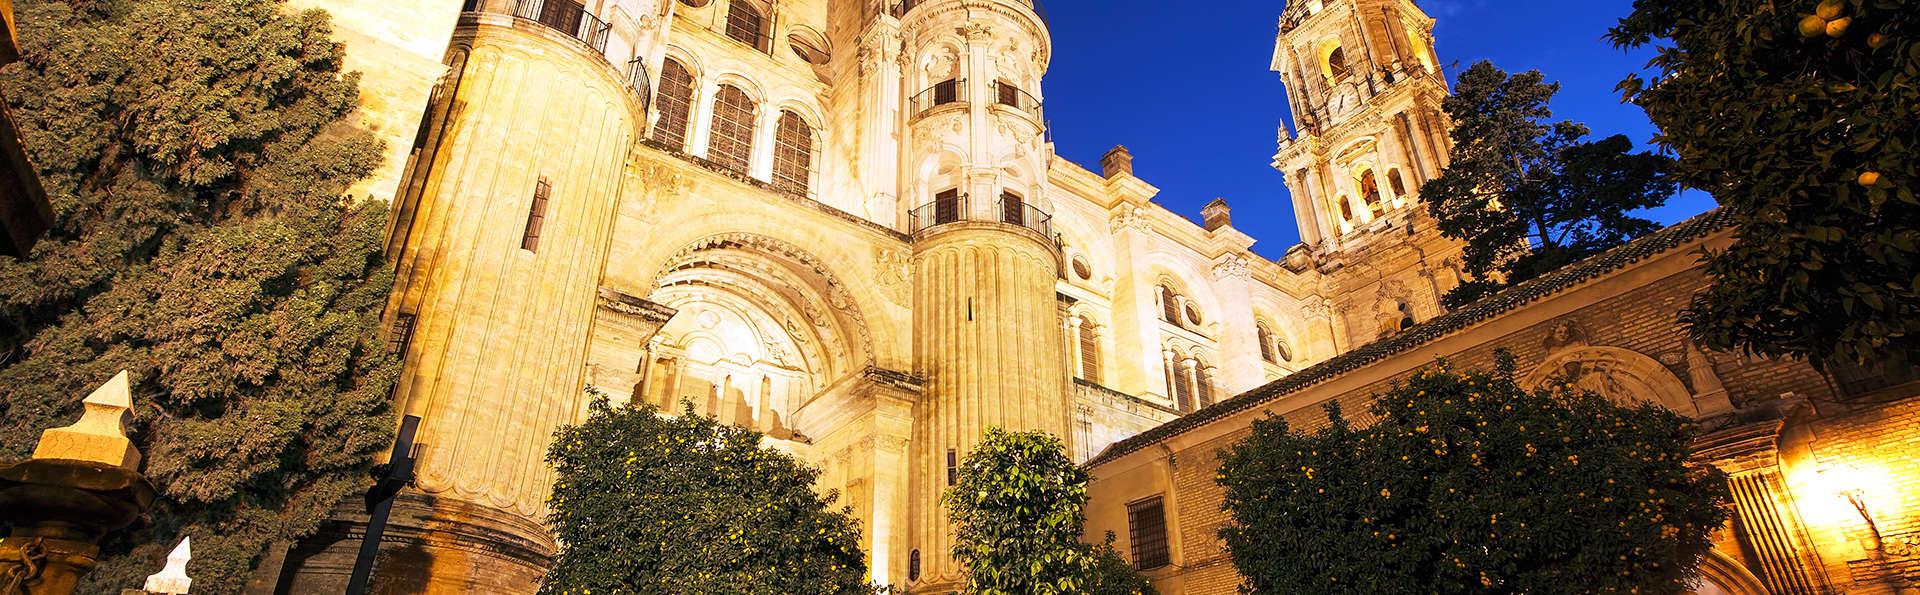 Escapada cultural con visita al Museo Picasso de Málaga